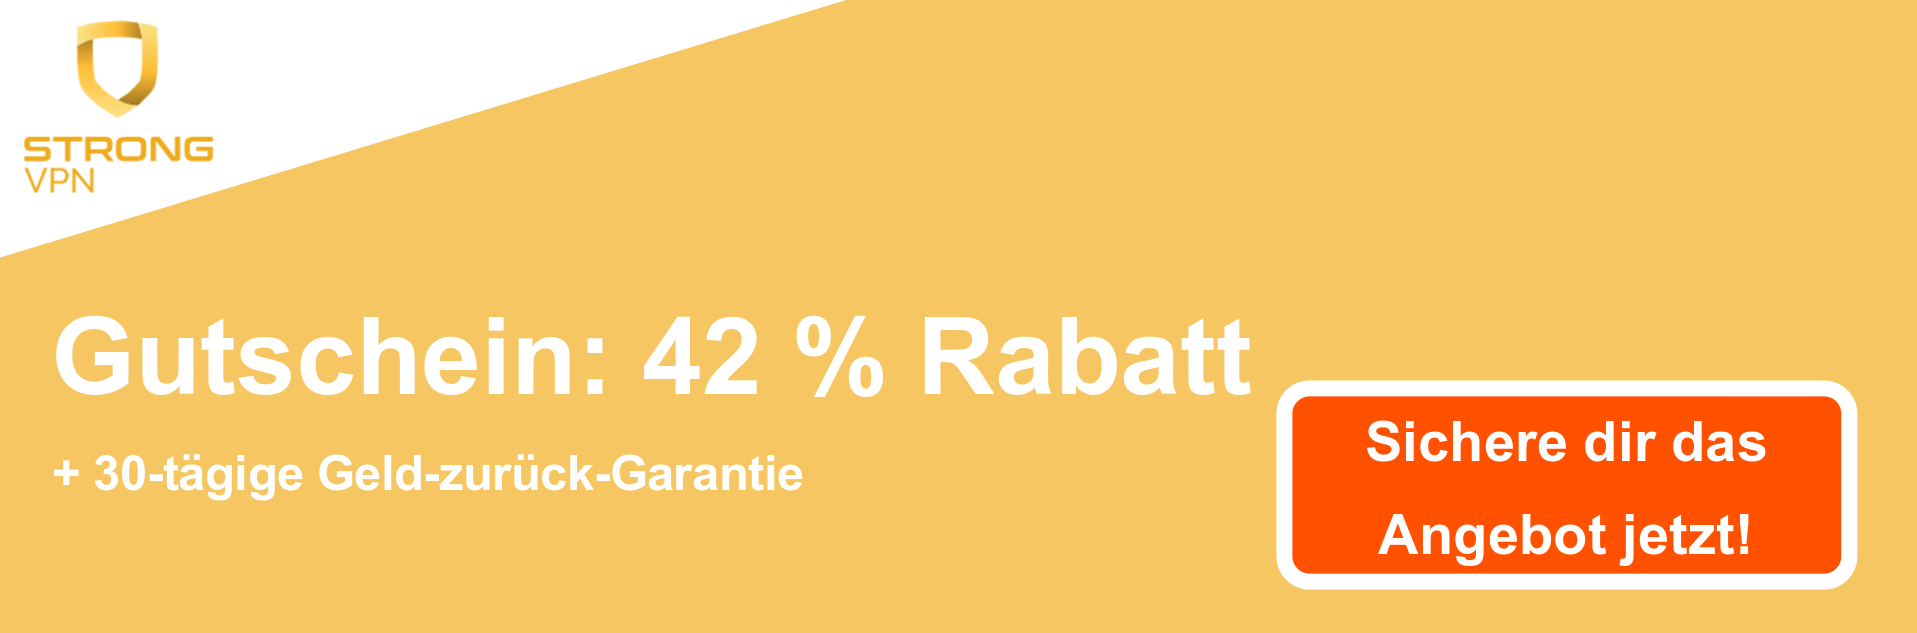 StrongVPN Coupon Banner - 42% Rabatt